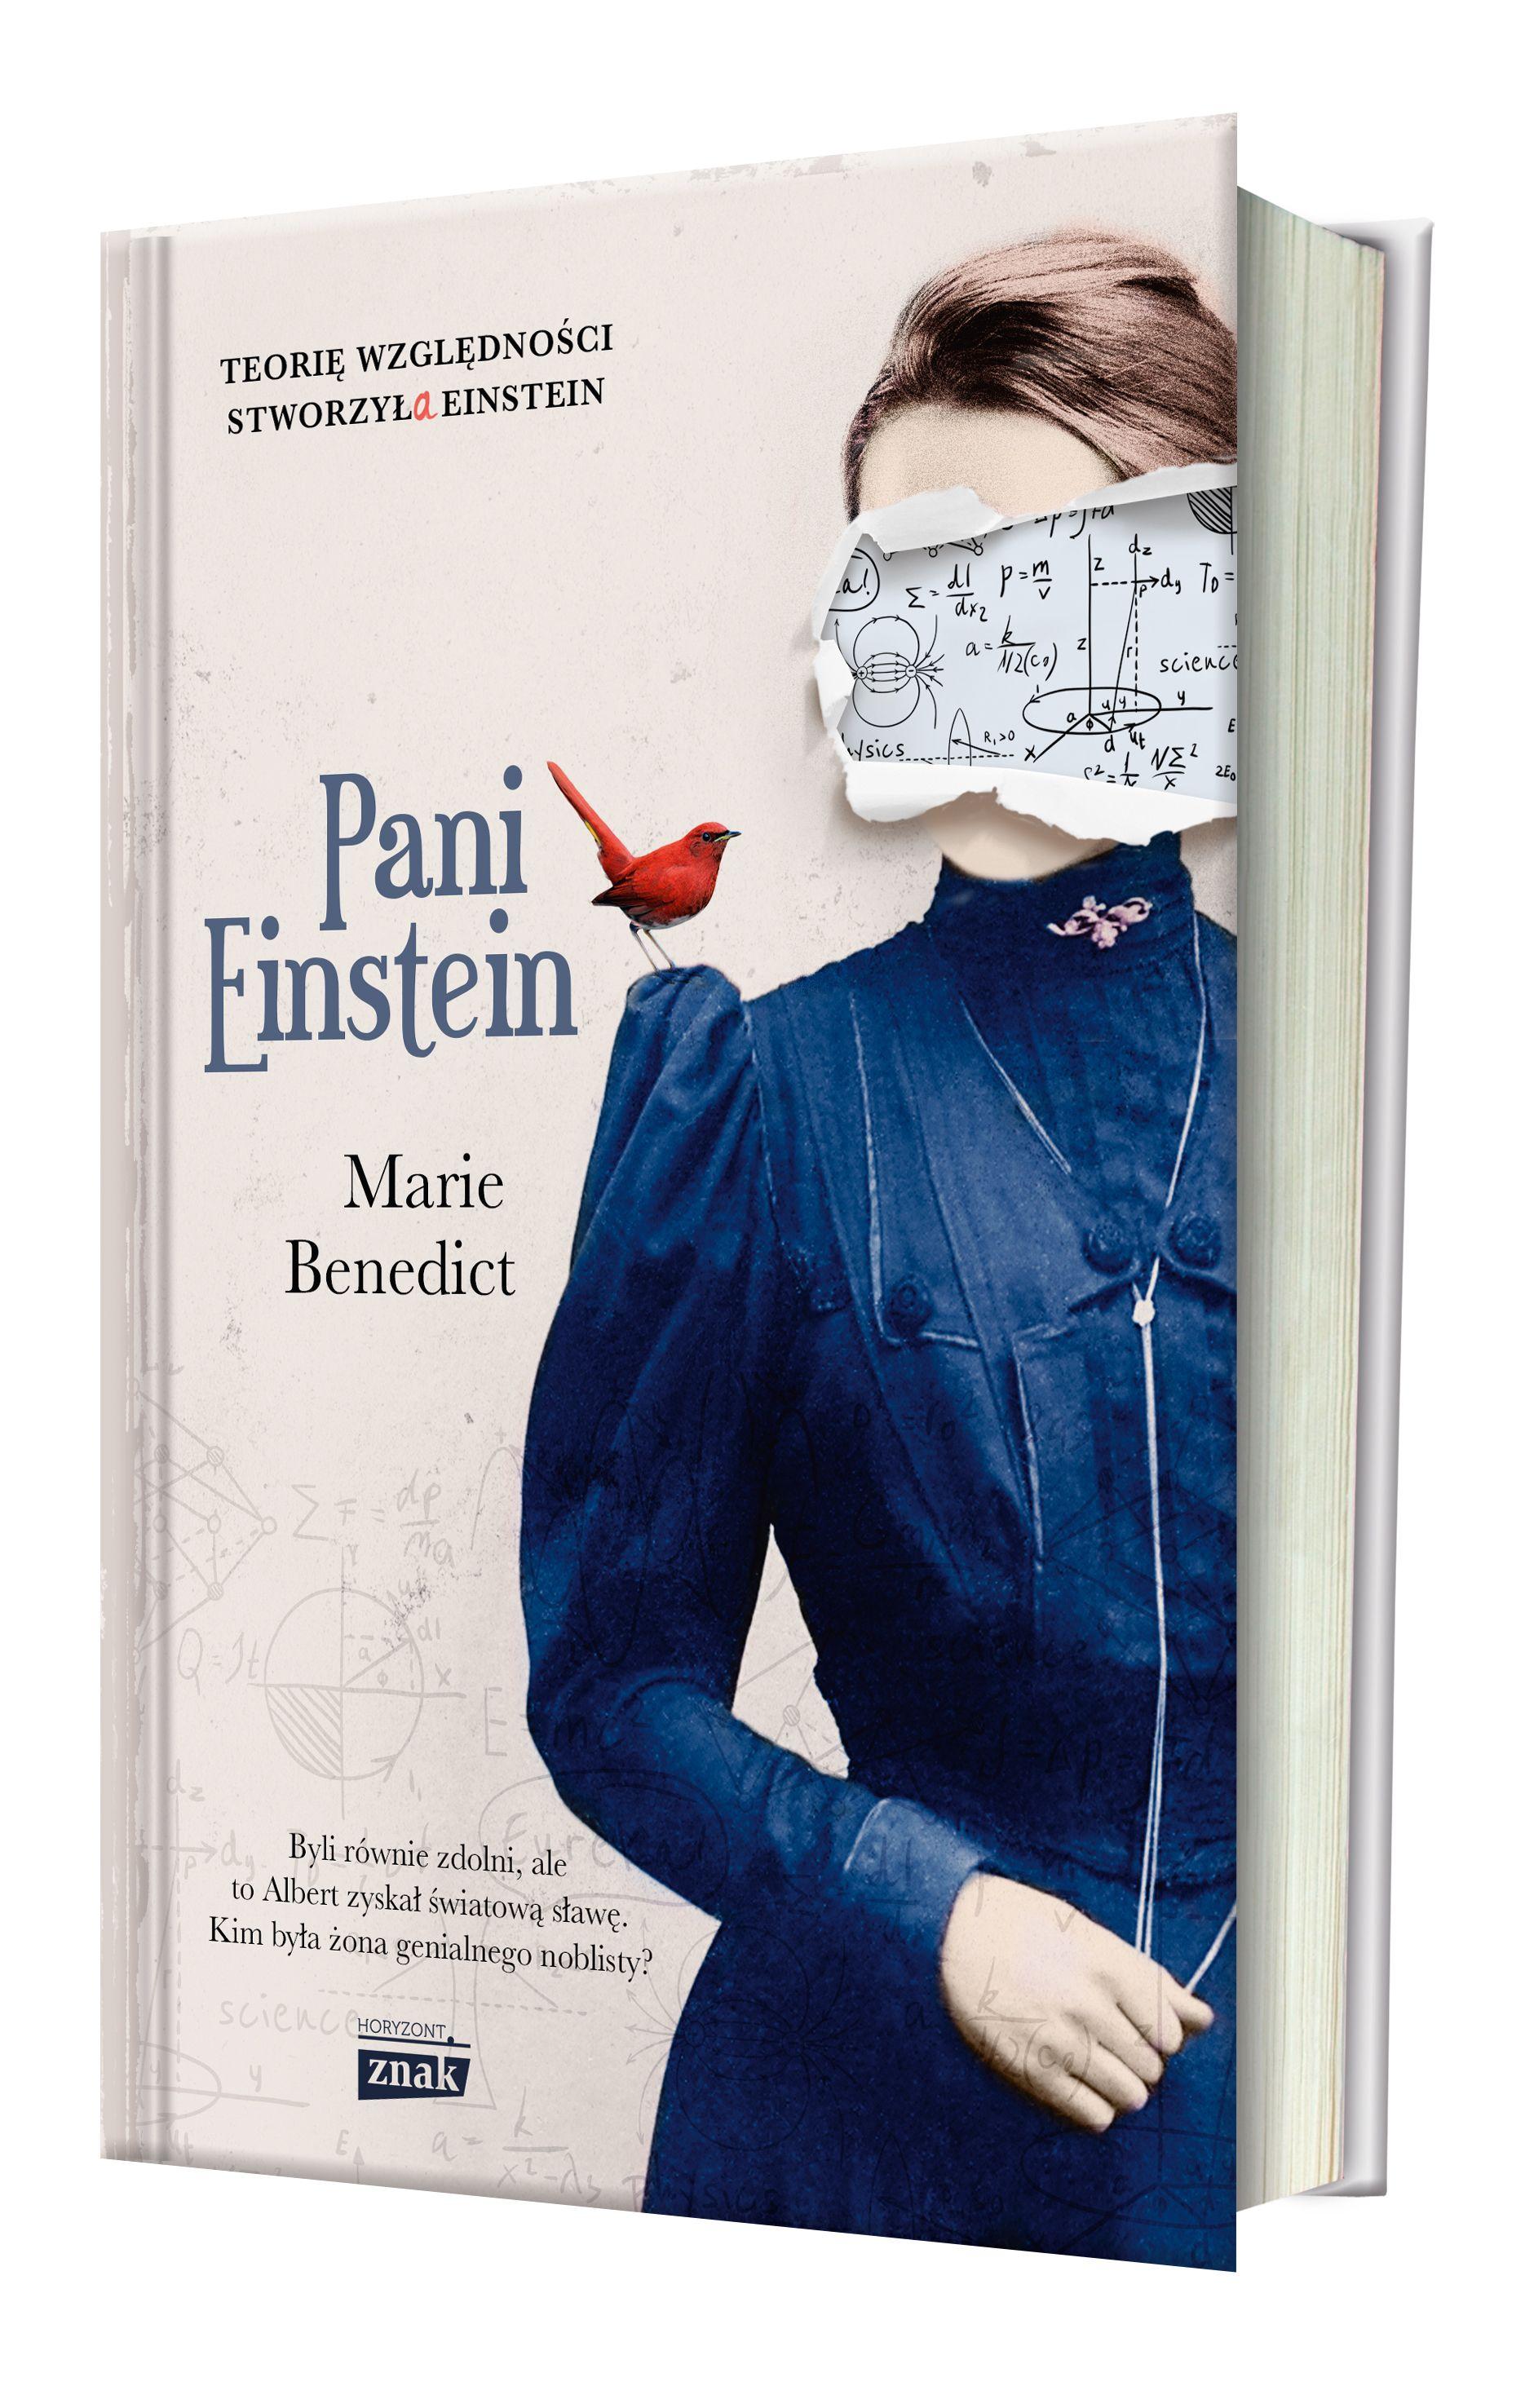 """Inspirację do napisania artykułu stanowiły studenckie perypetie Milevy Marić, opisane w powieści Marie Benedict zatytułowanej """"Pani Einstein"""" (Znak Horyzont 2017)."""